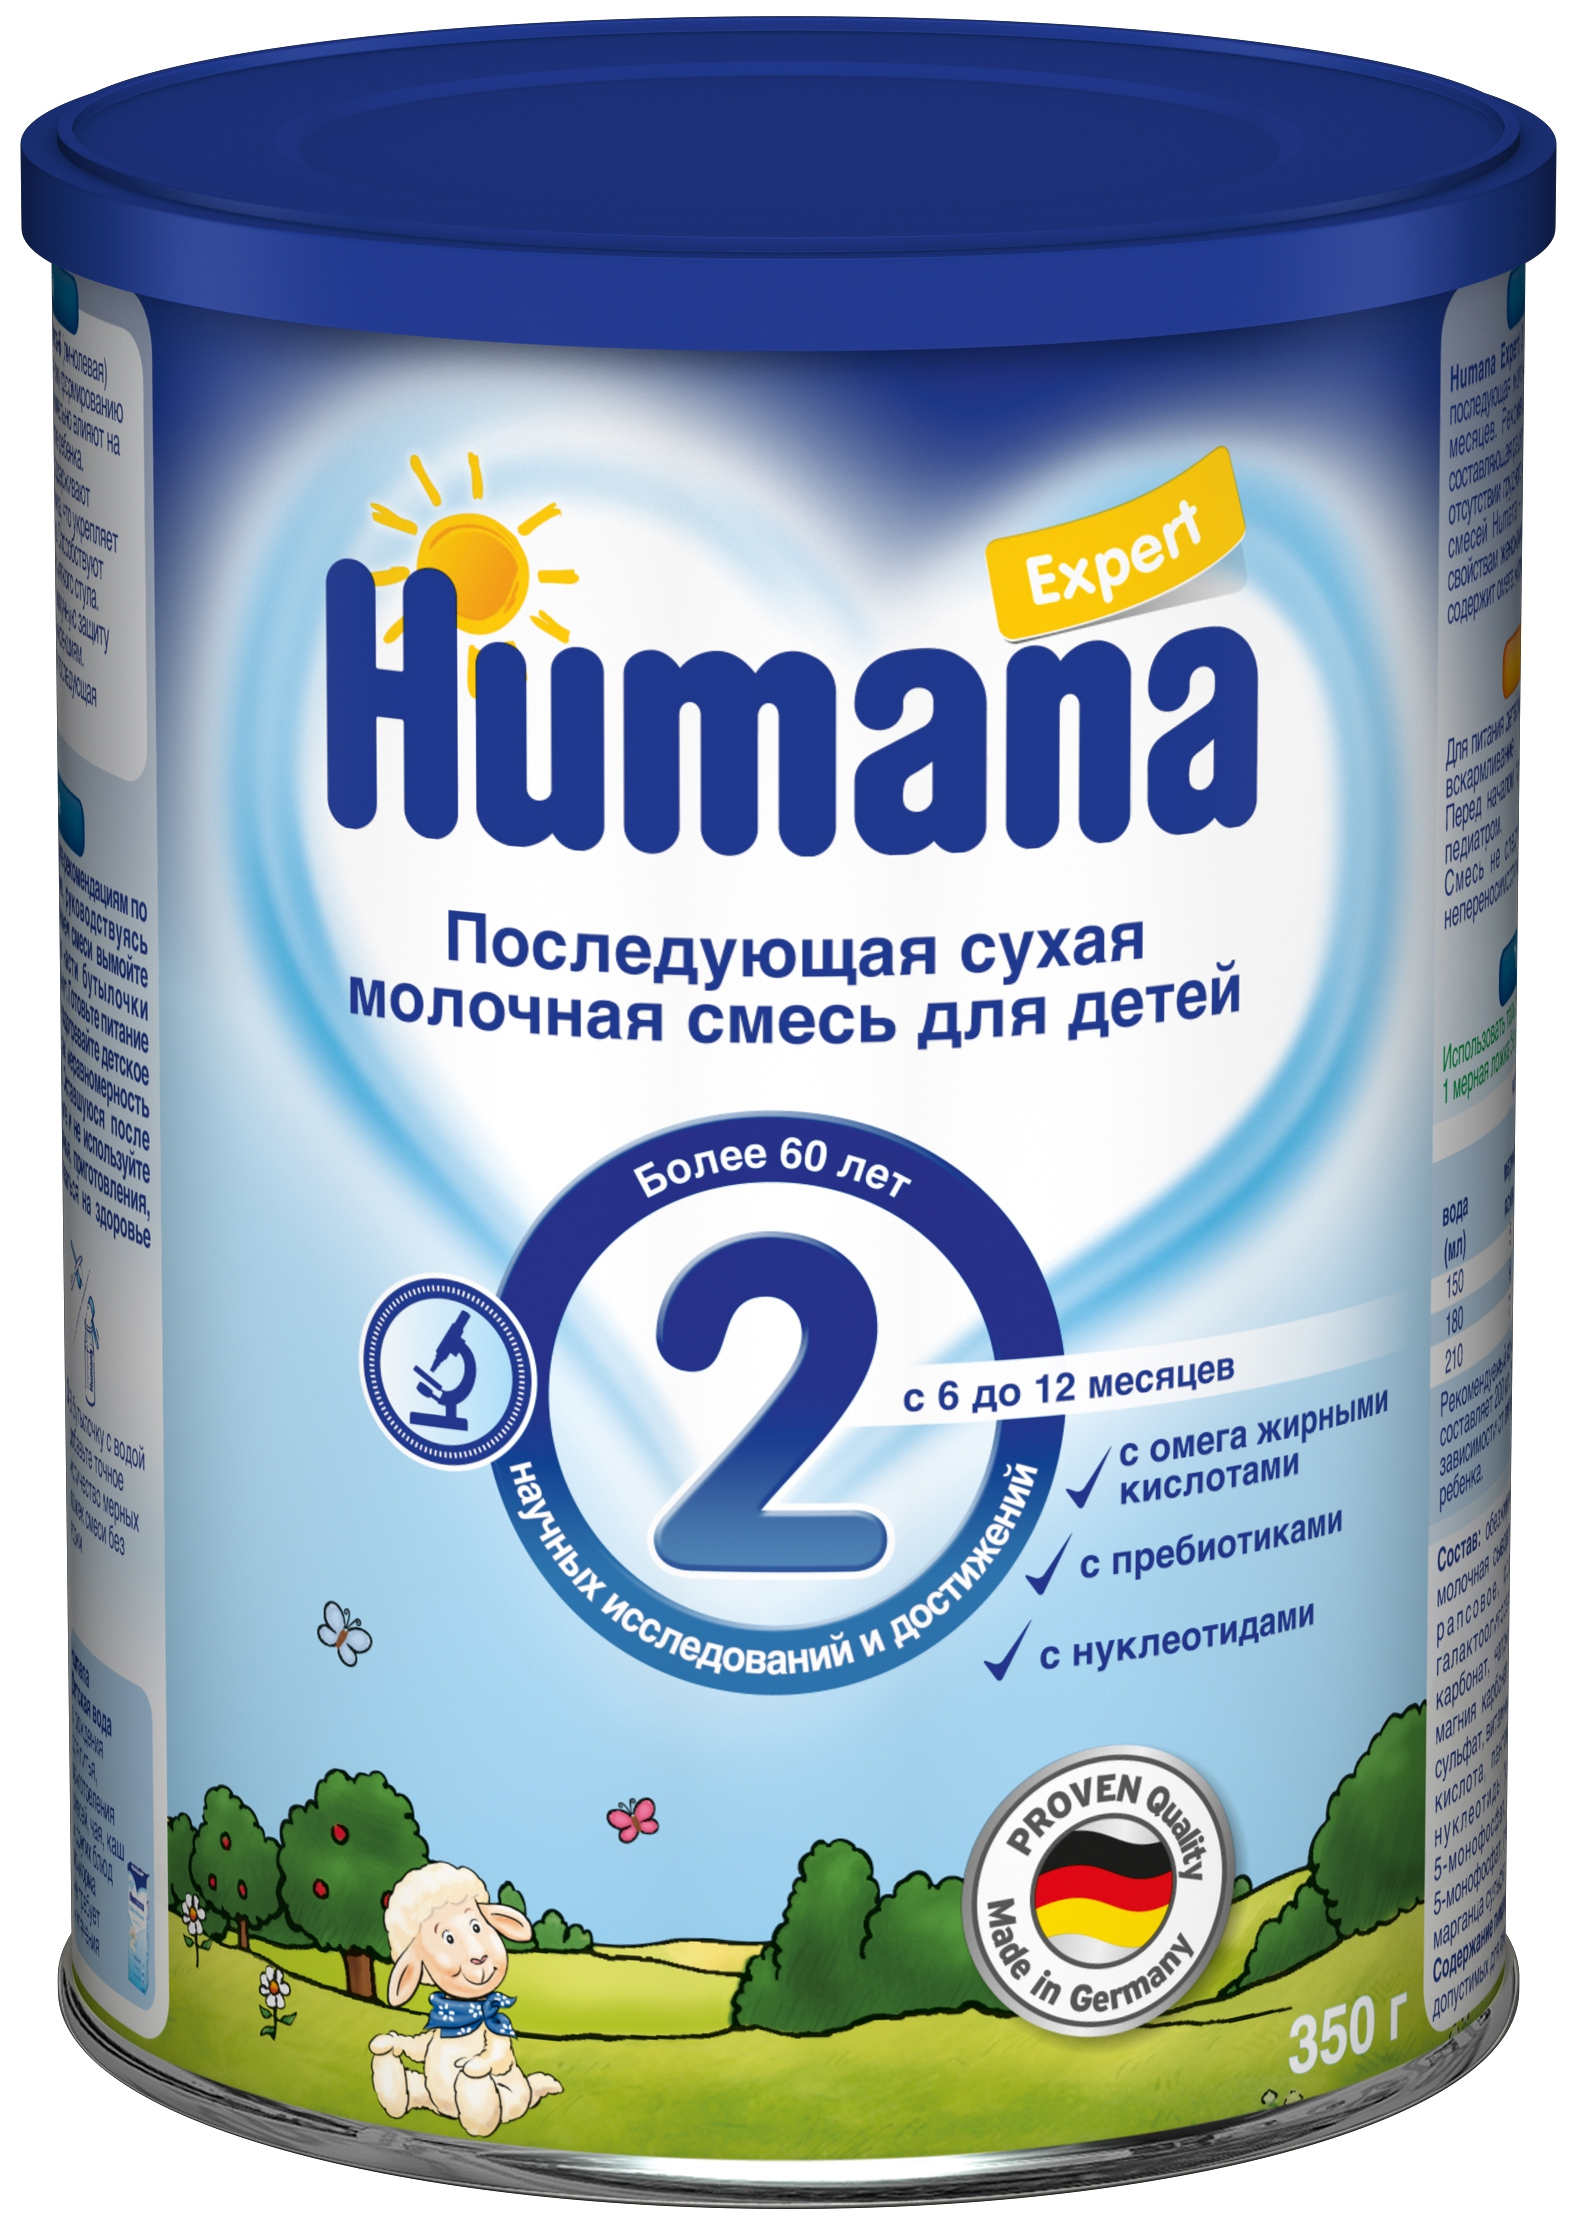 Молочная смесь Хумана Expert 2 с 6 до 12 месяцев 350 г малыш истринский молочная смесь с овсяной мукой с 6 месяцев 350 г